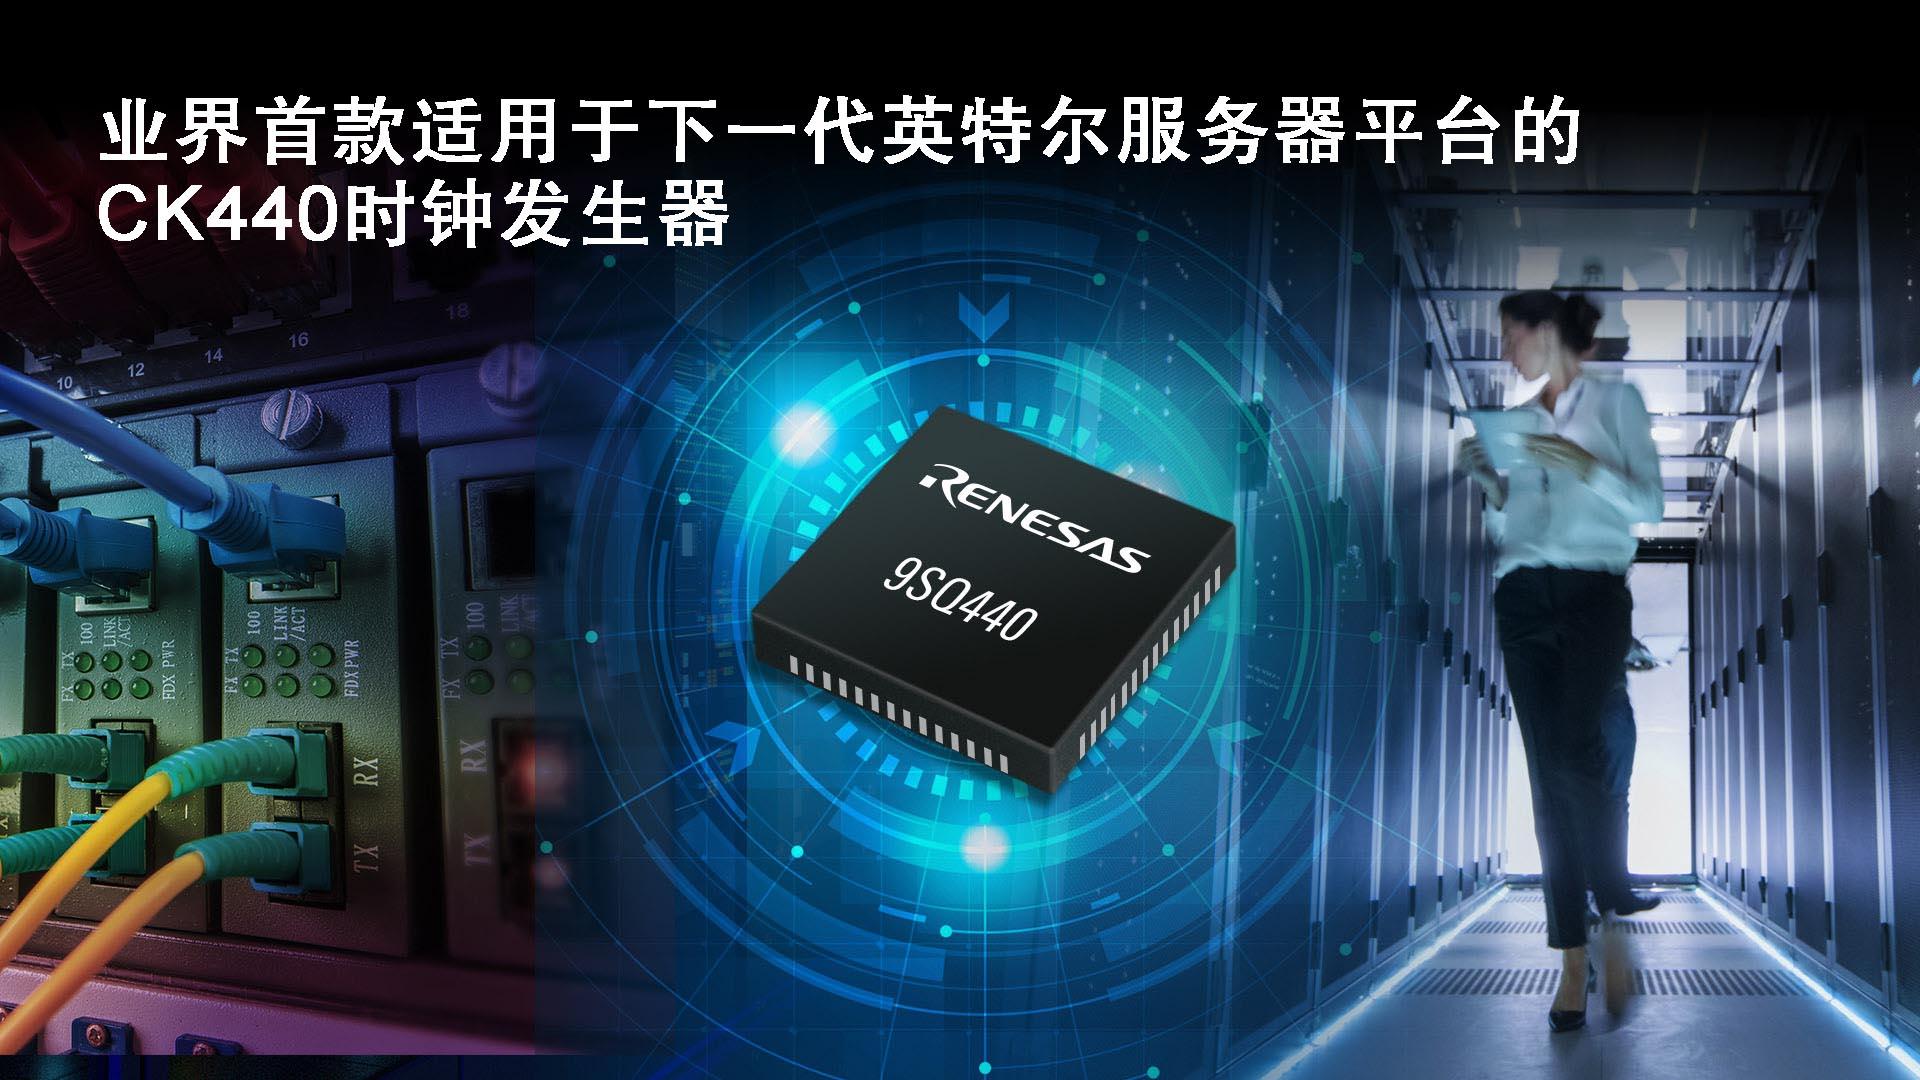 瑞萨电子推出业界首款兼容CK440Q时钟发生器满足PCIe Gen5及更高版本标准